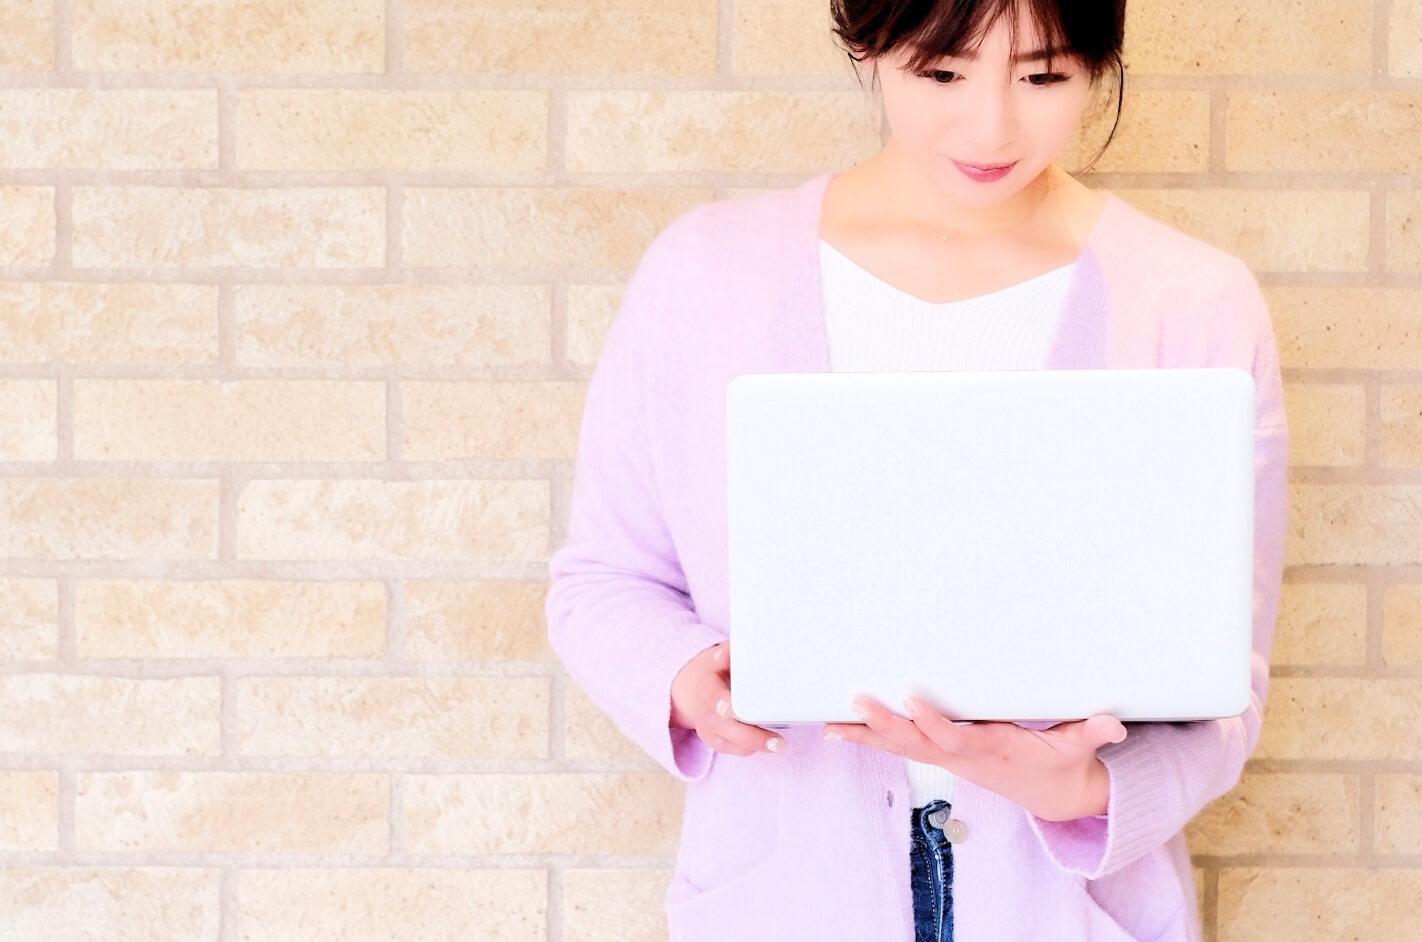 パソコン作業を楽しむ清楚な女性